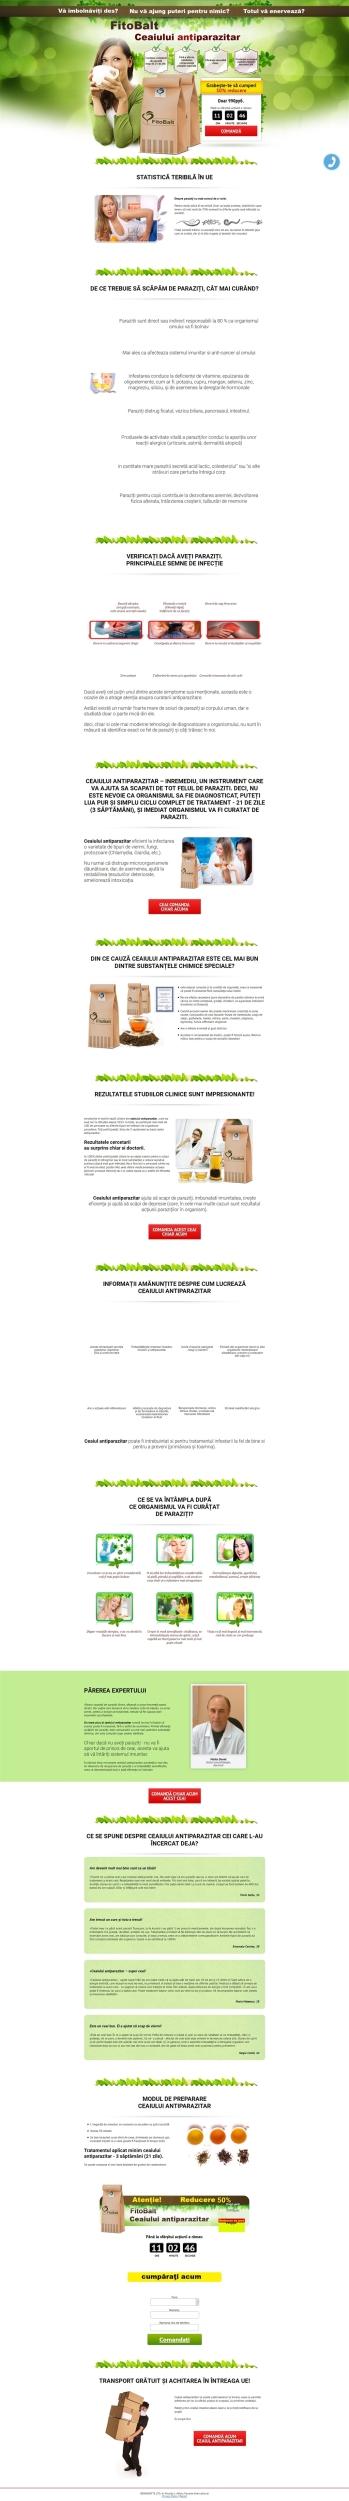 tapeworms pentru pierderea în greutate cumpărați